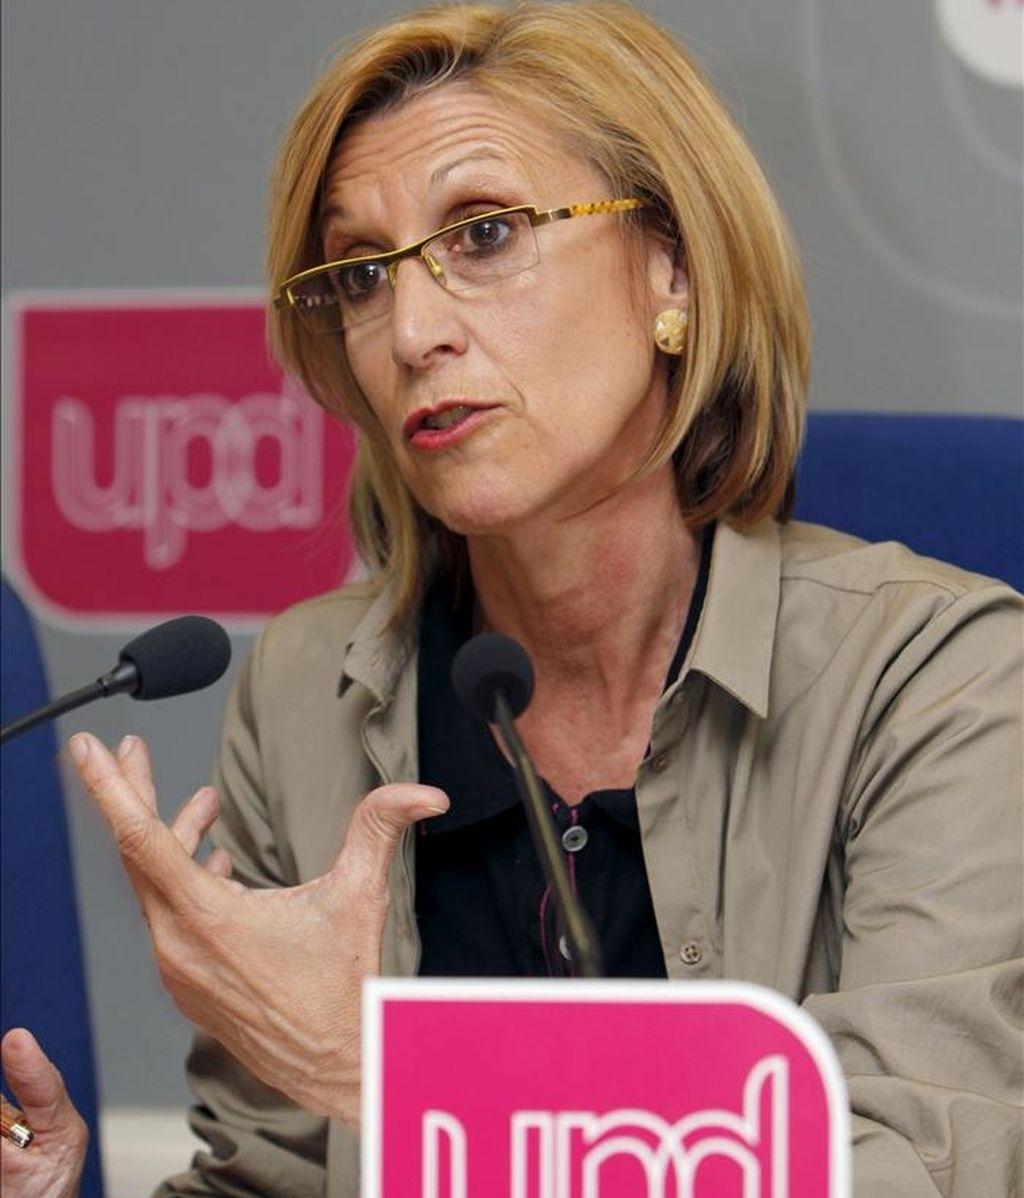 La líder de UPyD, Rosa Díez, ha asegurado que si su formación no alcanza un pacto de Gobierno en los ayuntamientos ni con el PSOE ni con el PP, respetarán lo que hayan decidido los electores en las urnas. EFE